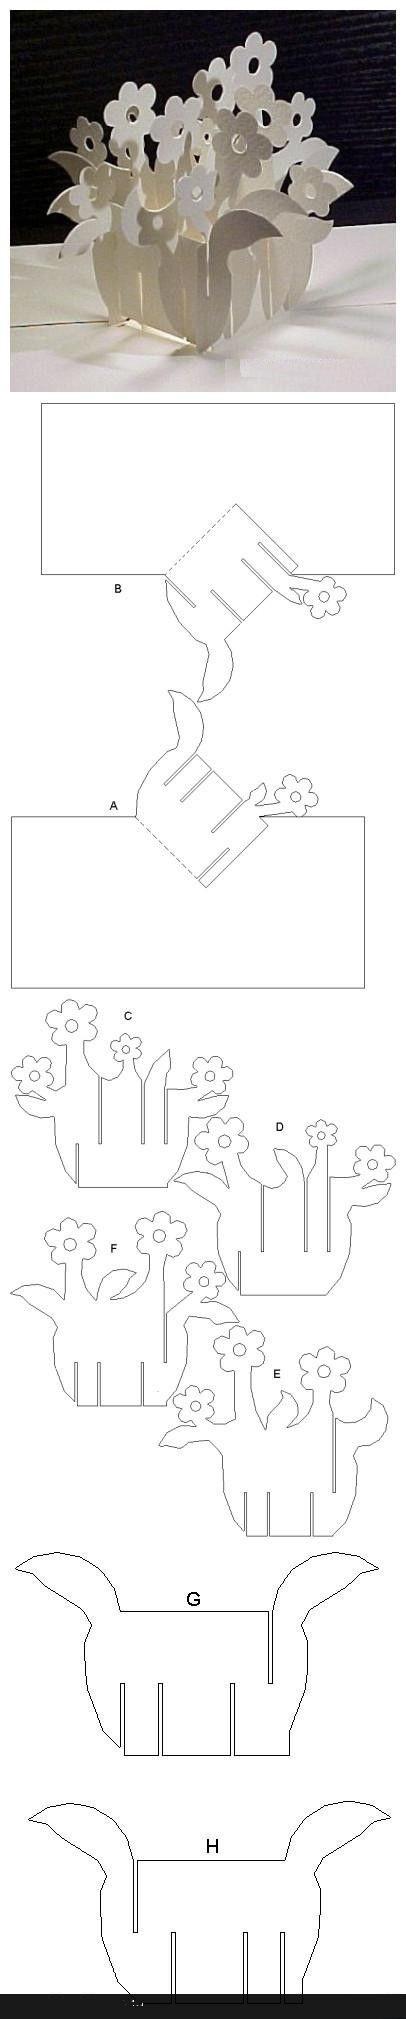 Открытки киригами для начинающих схемы и шаблоны 2